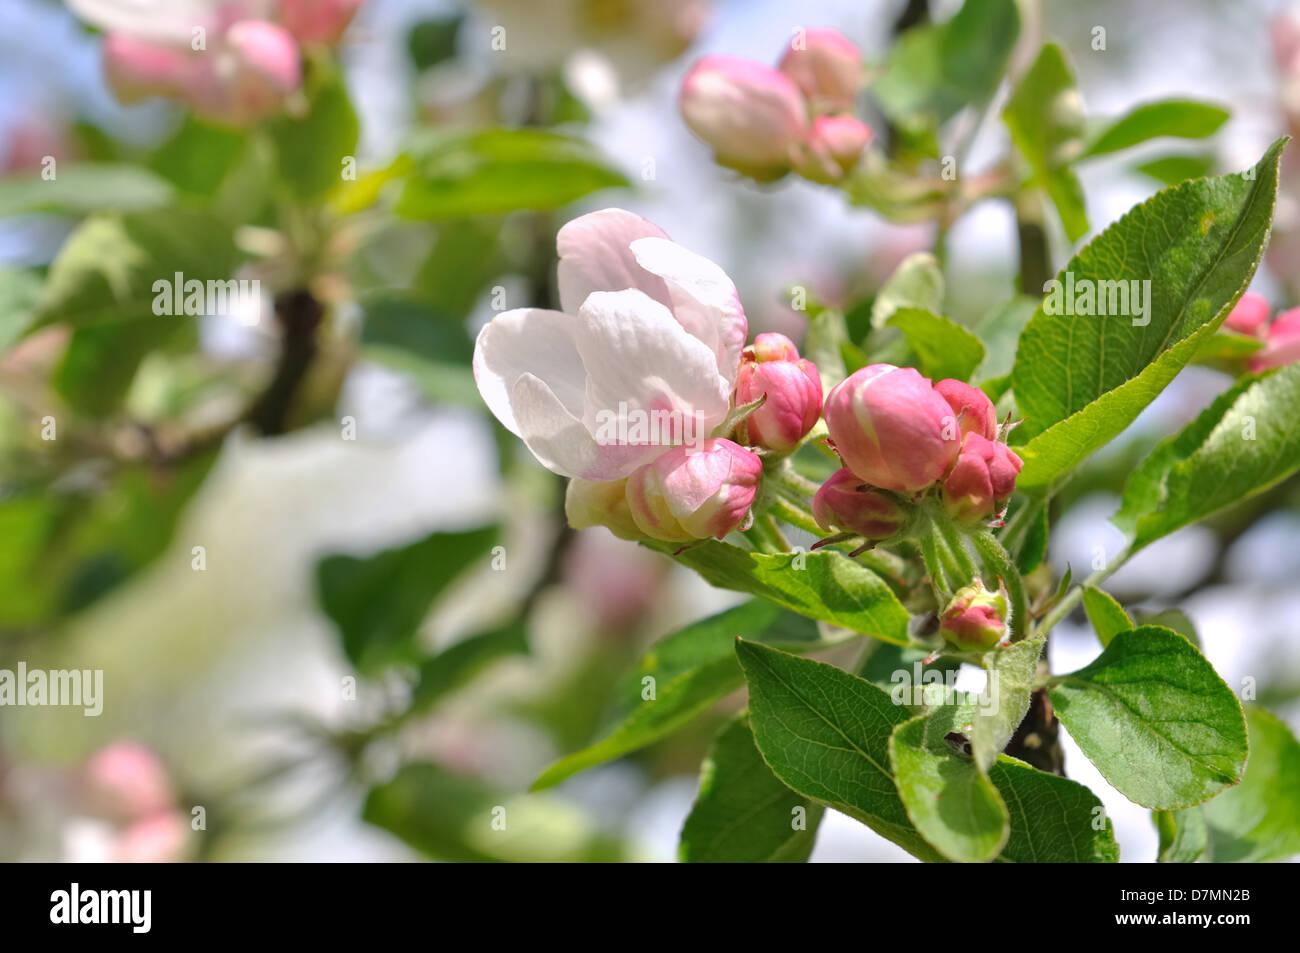 Nice pink flowers stock photos nice pink flowers stock images alamy close on nice pink flowers and buds of an apple tree stock image mightylinksfo